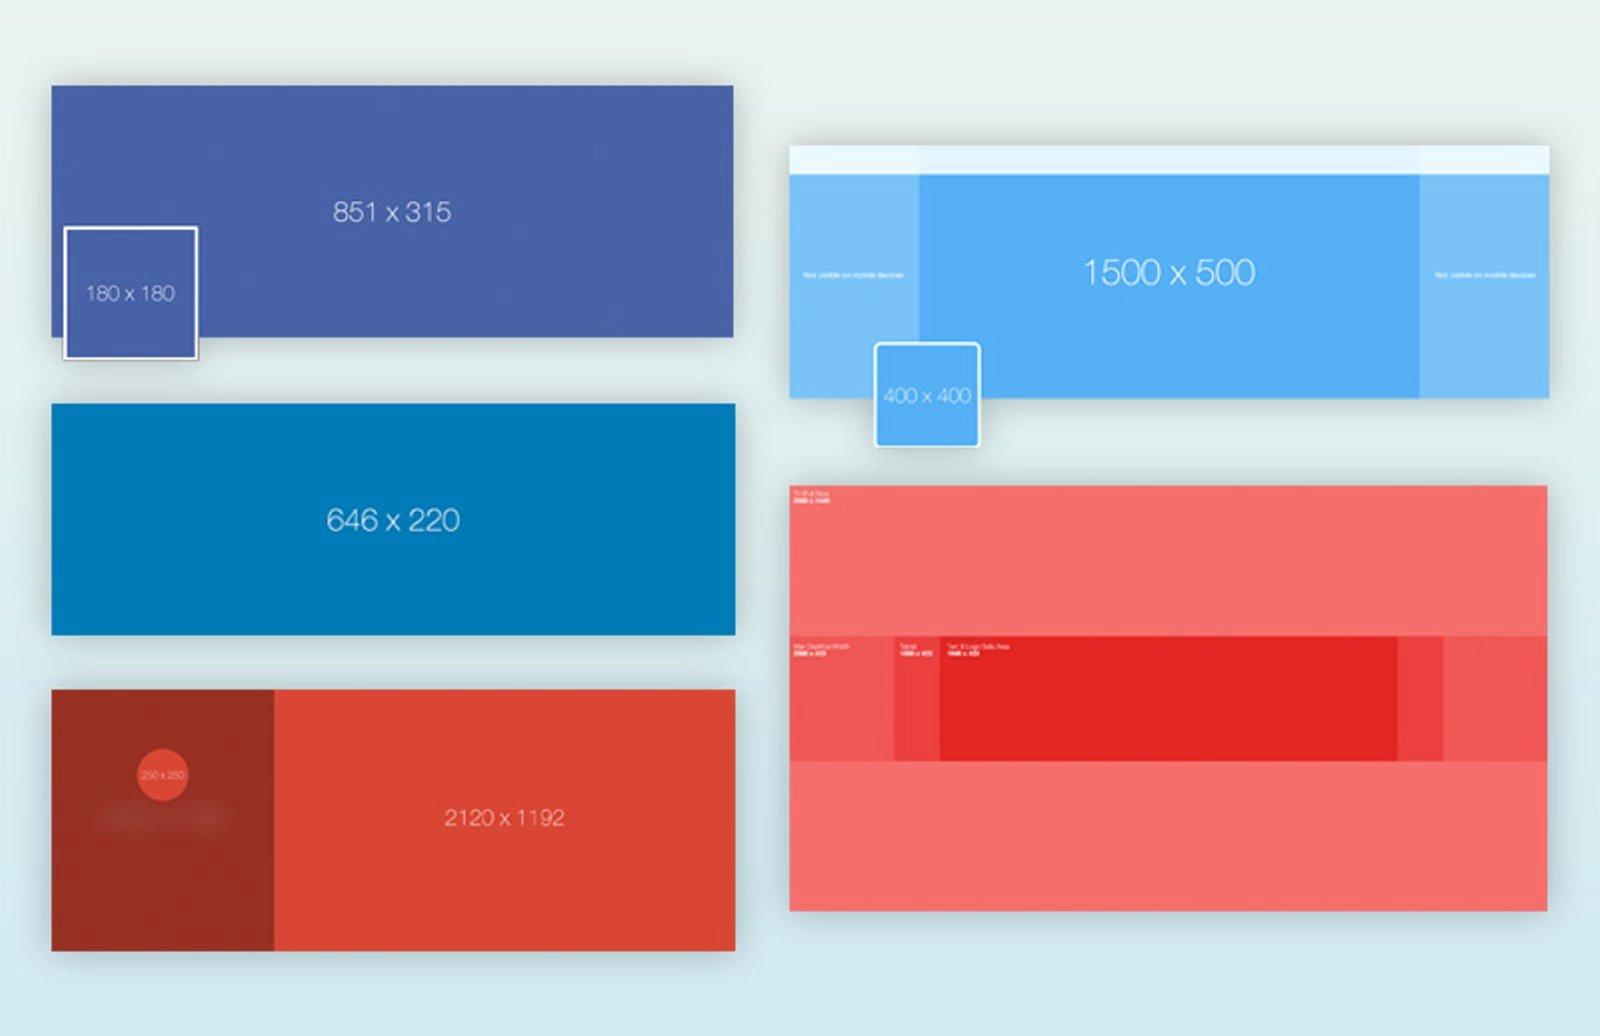 Social Media Website Template Elegant social Media Design Templates Pack — Medialoot